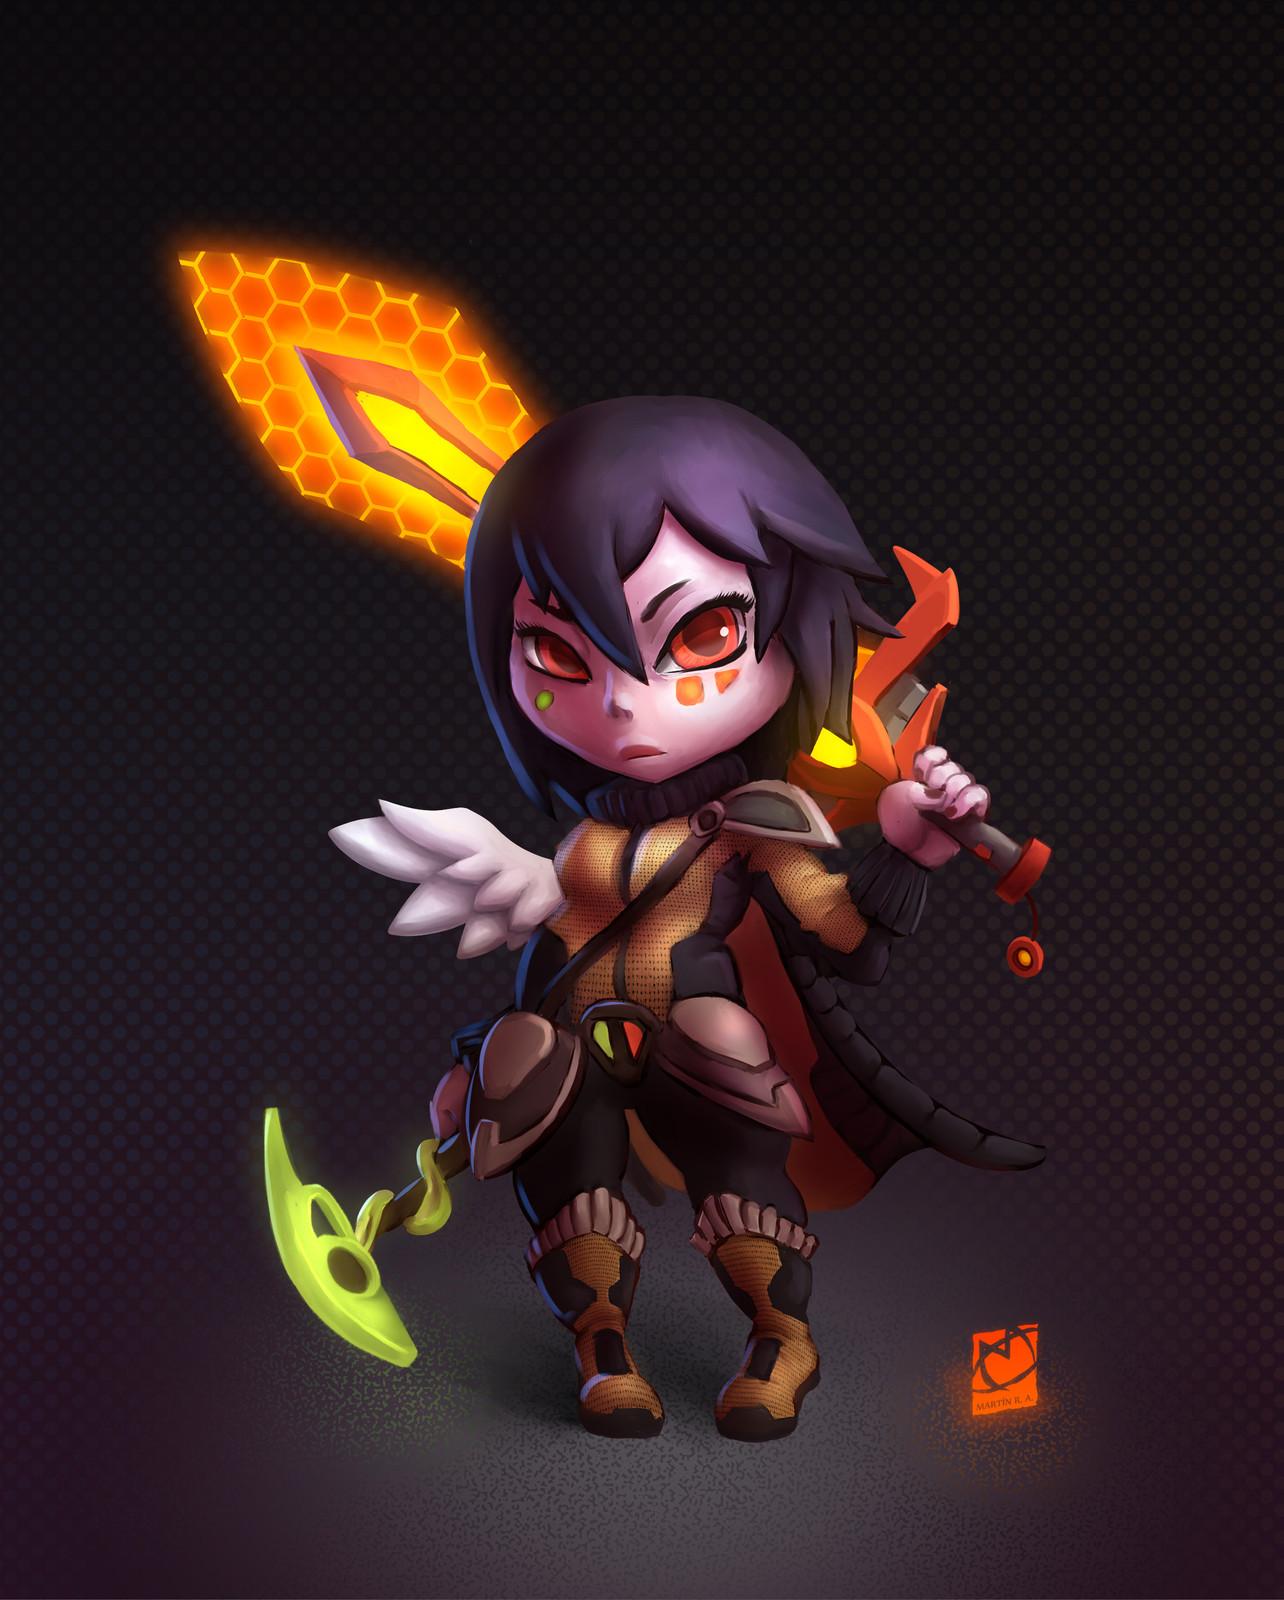 #drawthisinyourstyle - Scifantasy Warrior